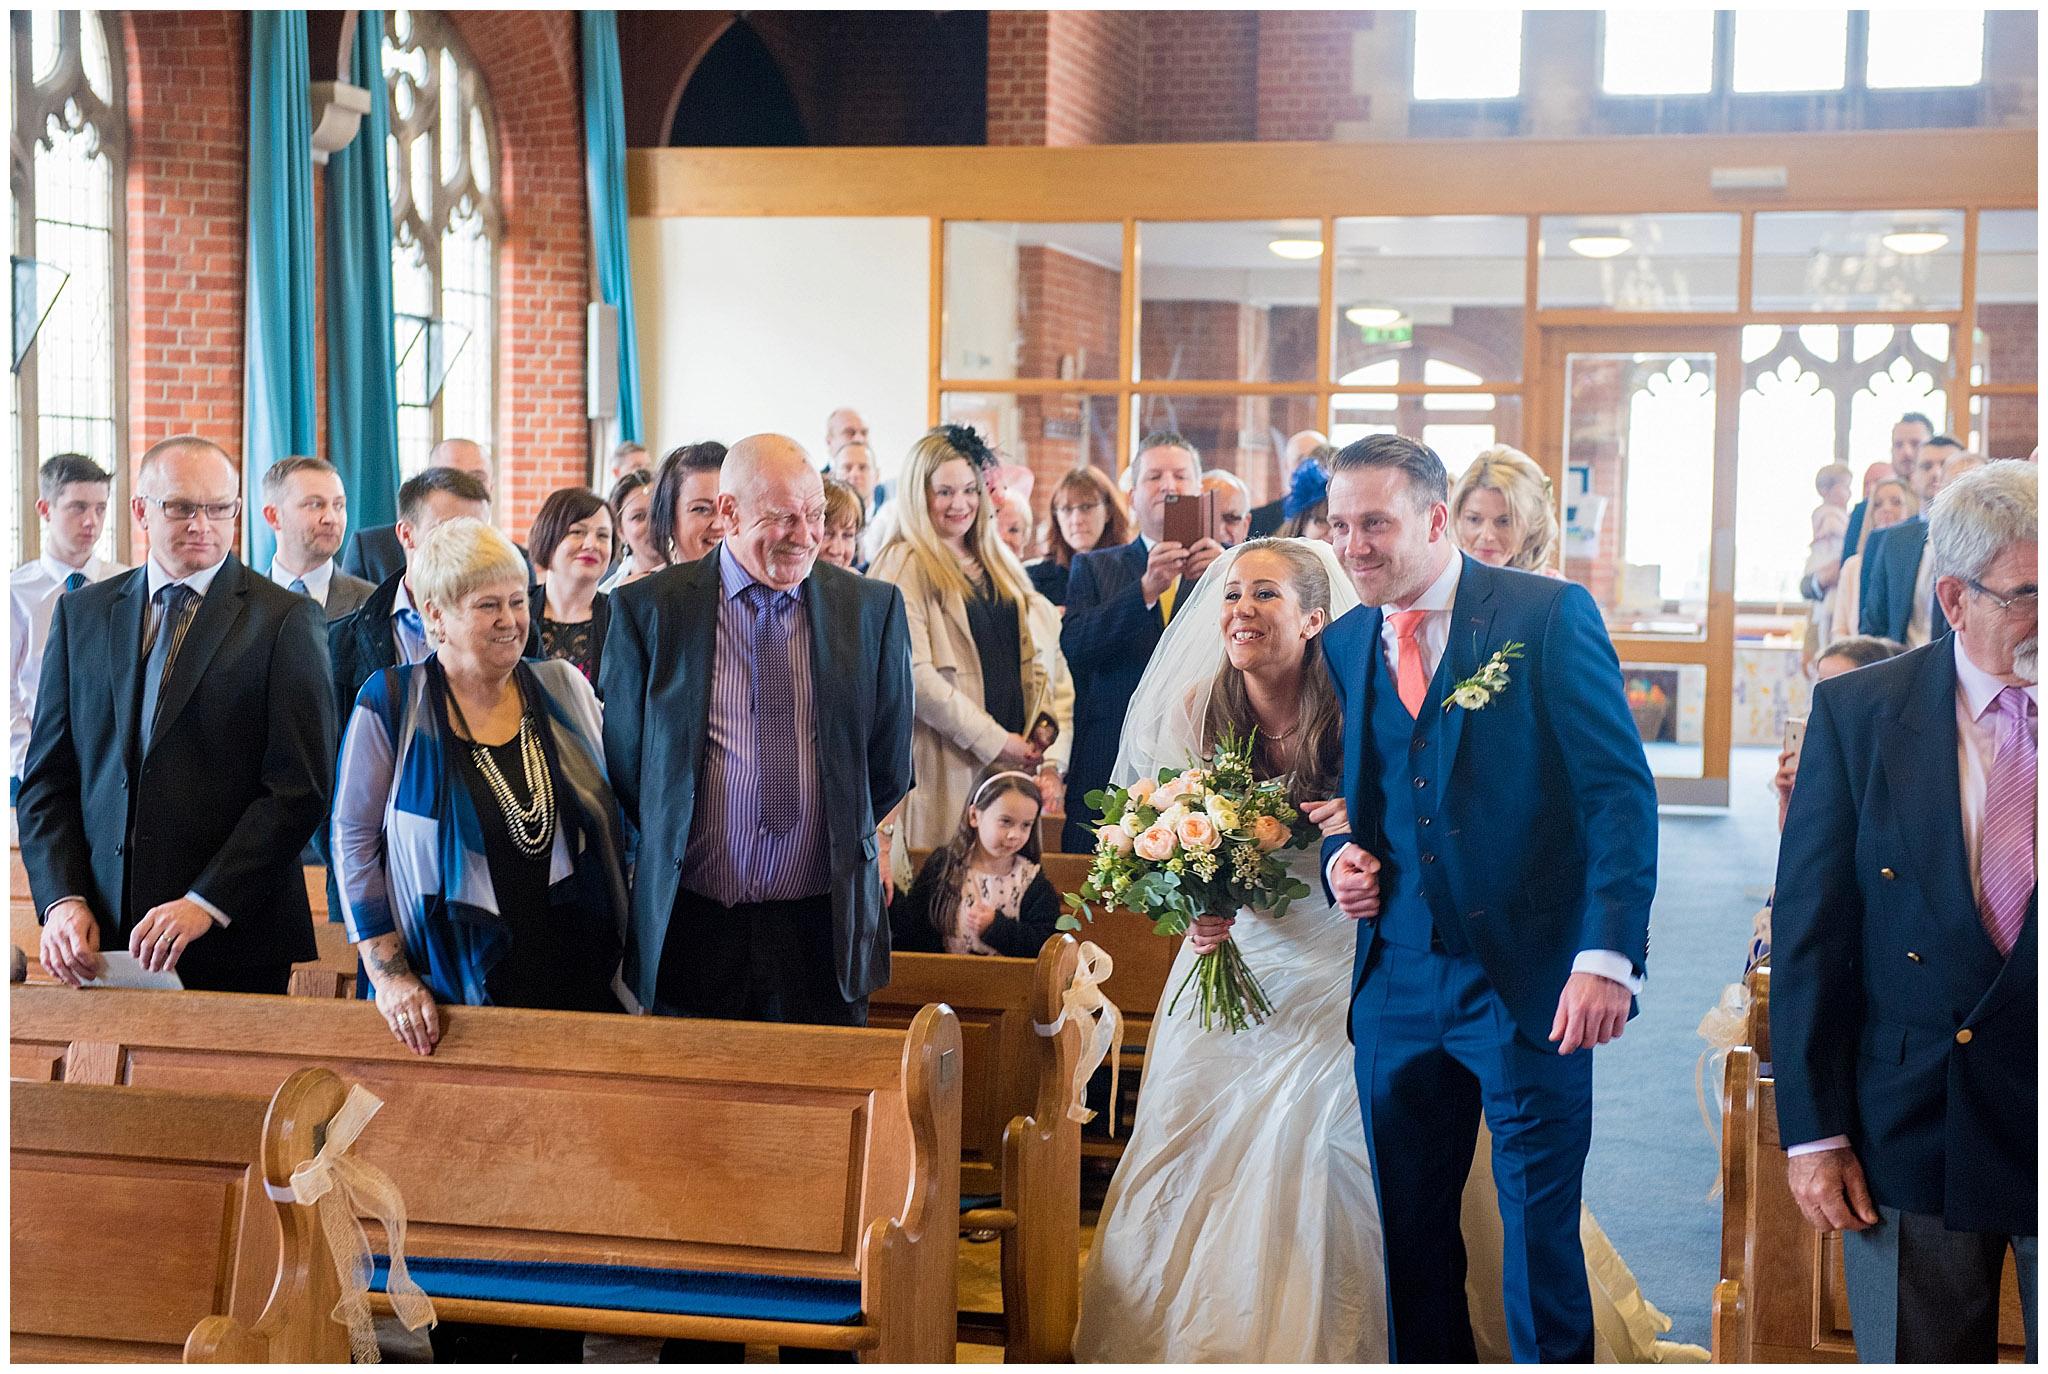 Katie-&-Steve-Victoria-Park-Methodist-Chruch-Winton-&-The-Manor-Burton-Christchurch-Wedding-17